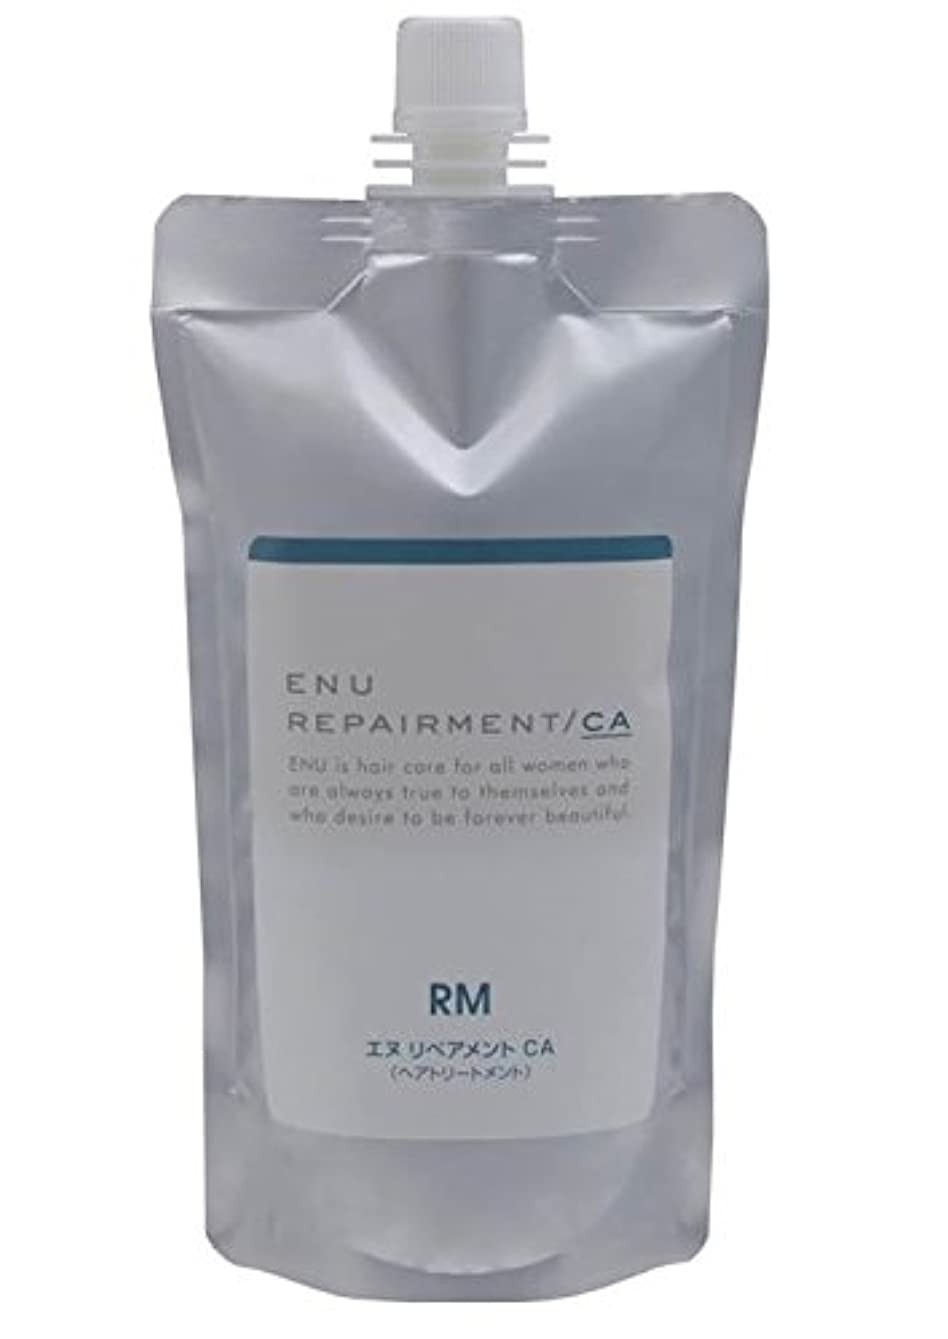 確執解体するドロー中野製薬  ENU エヌ リペアメント CA レフィル 400g